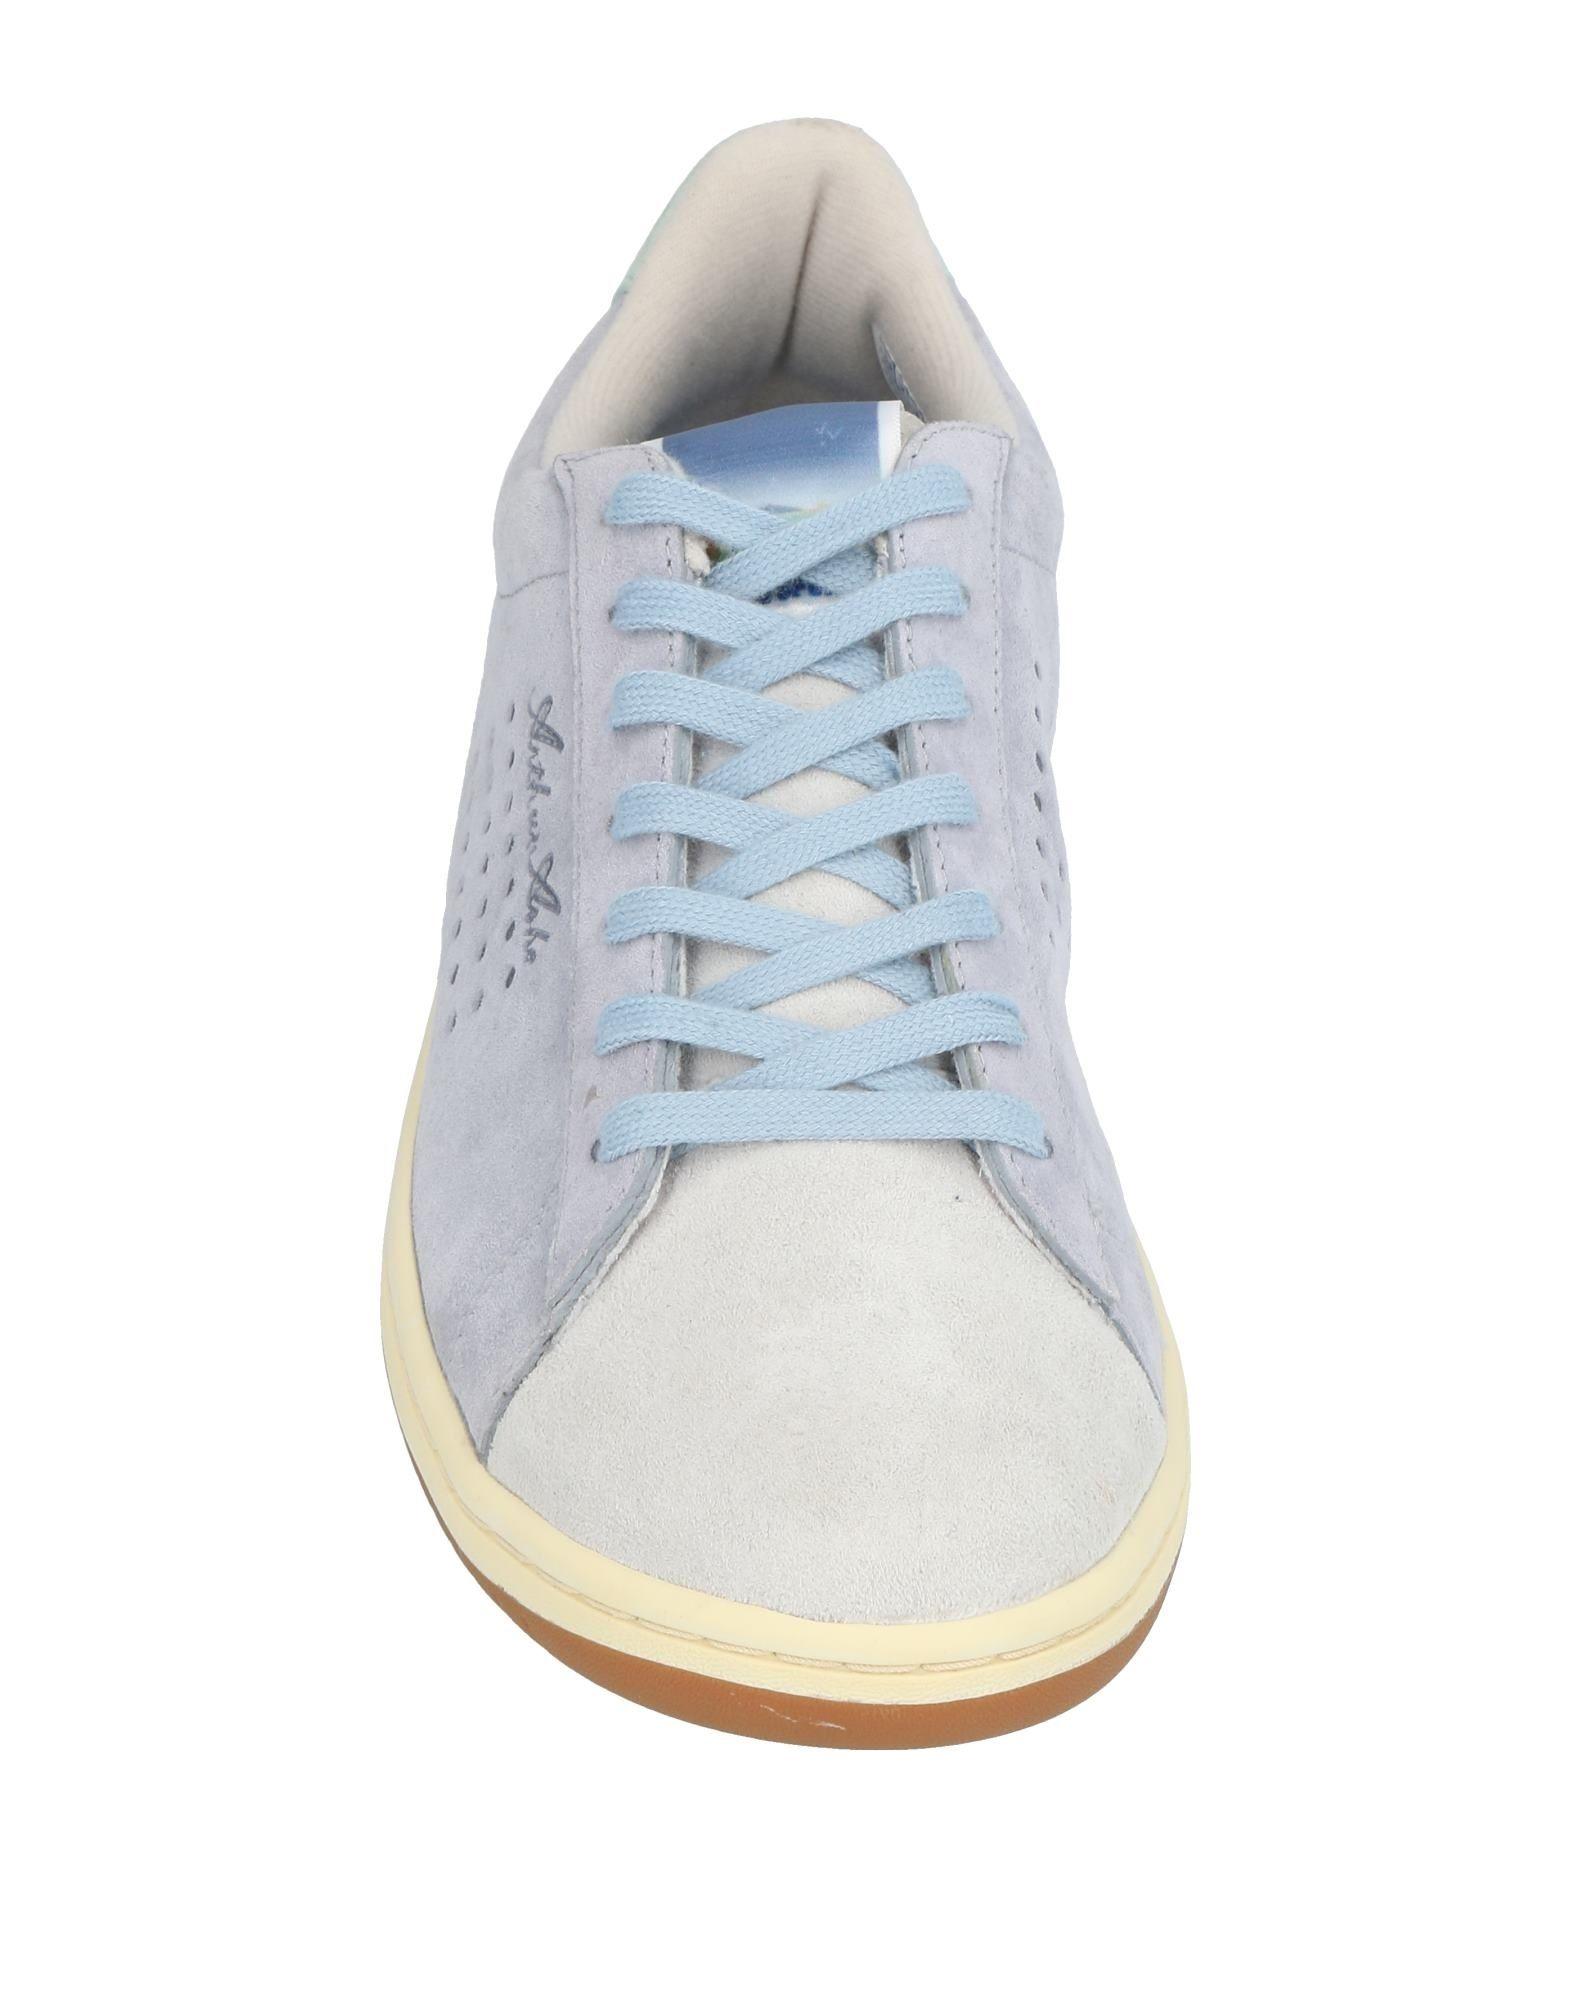 Rabatt echte Schuhe Le Coq Sportif Sneakers Herren  11417456FO